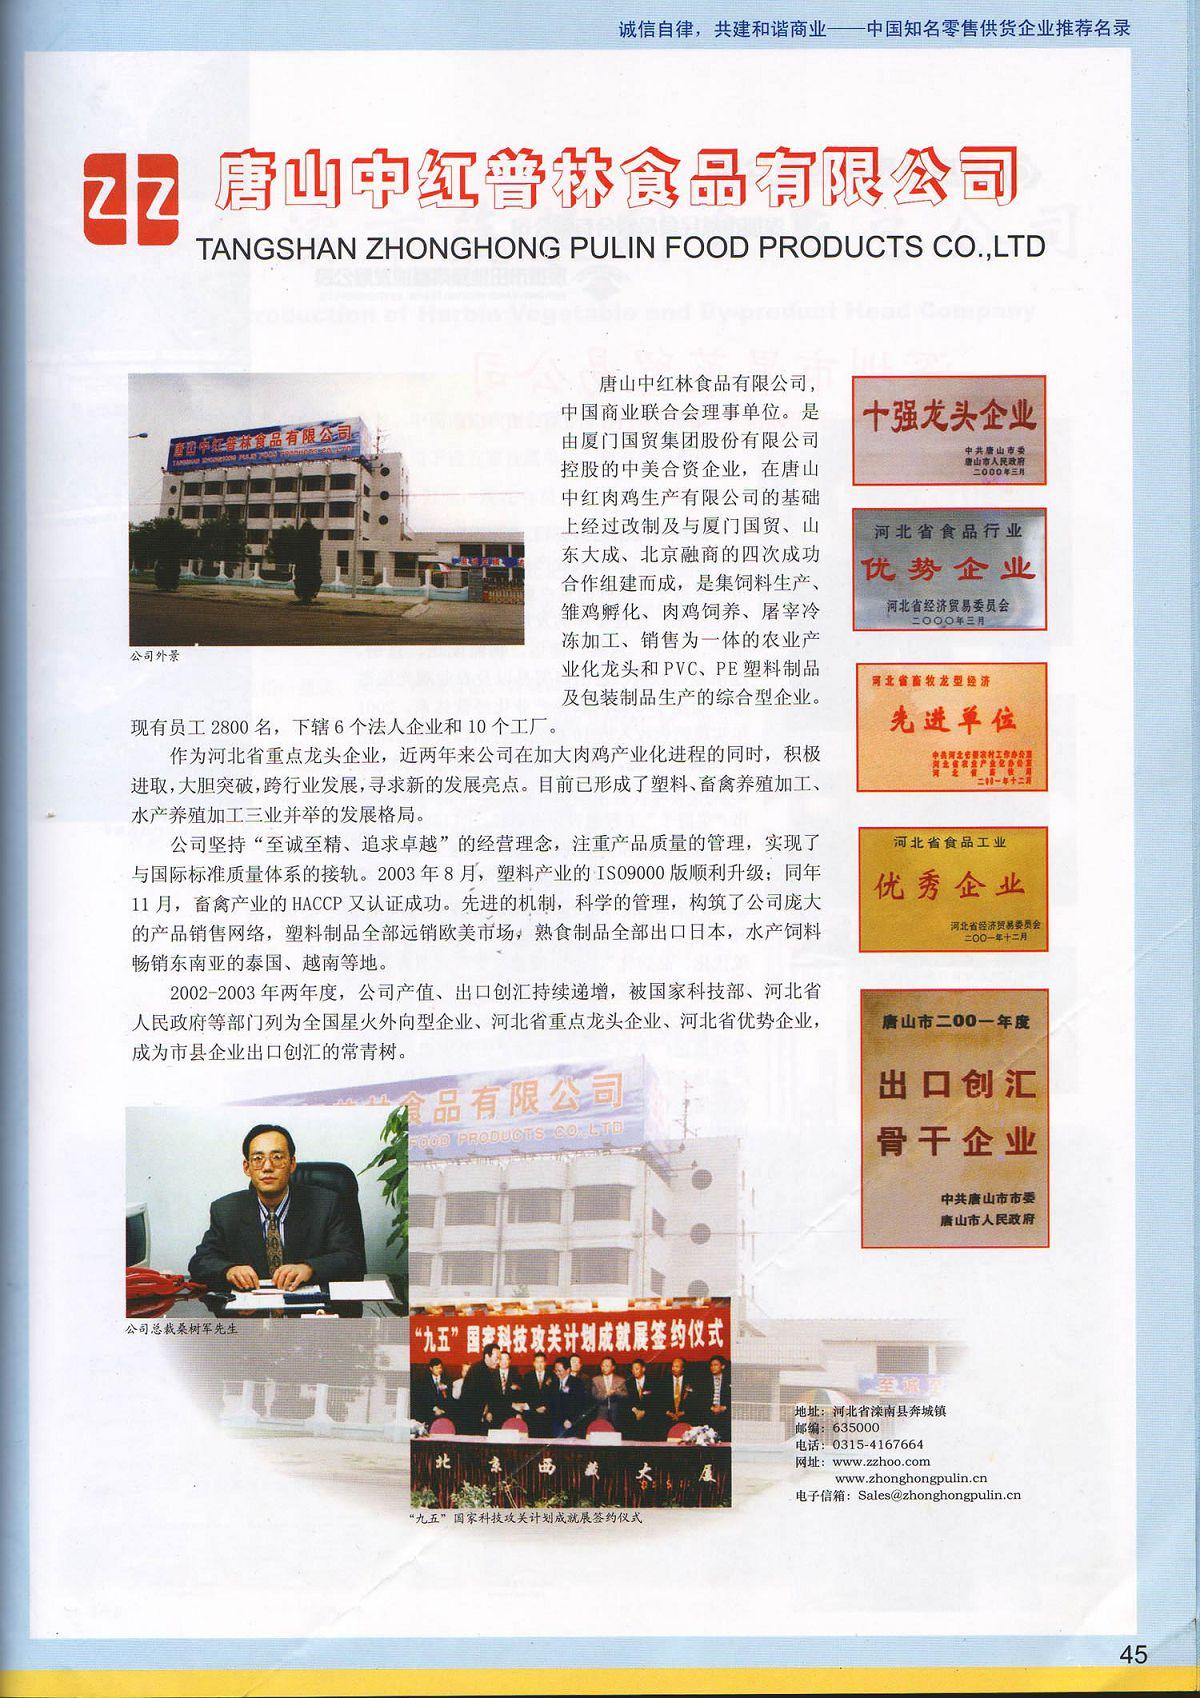 中國知名零售供貨企業推薦名錄